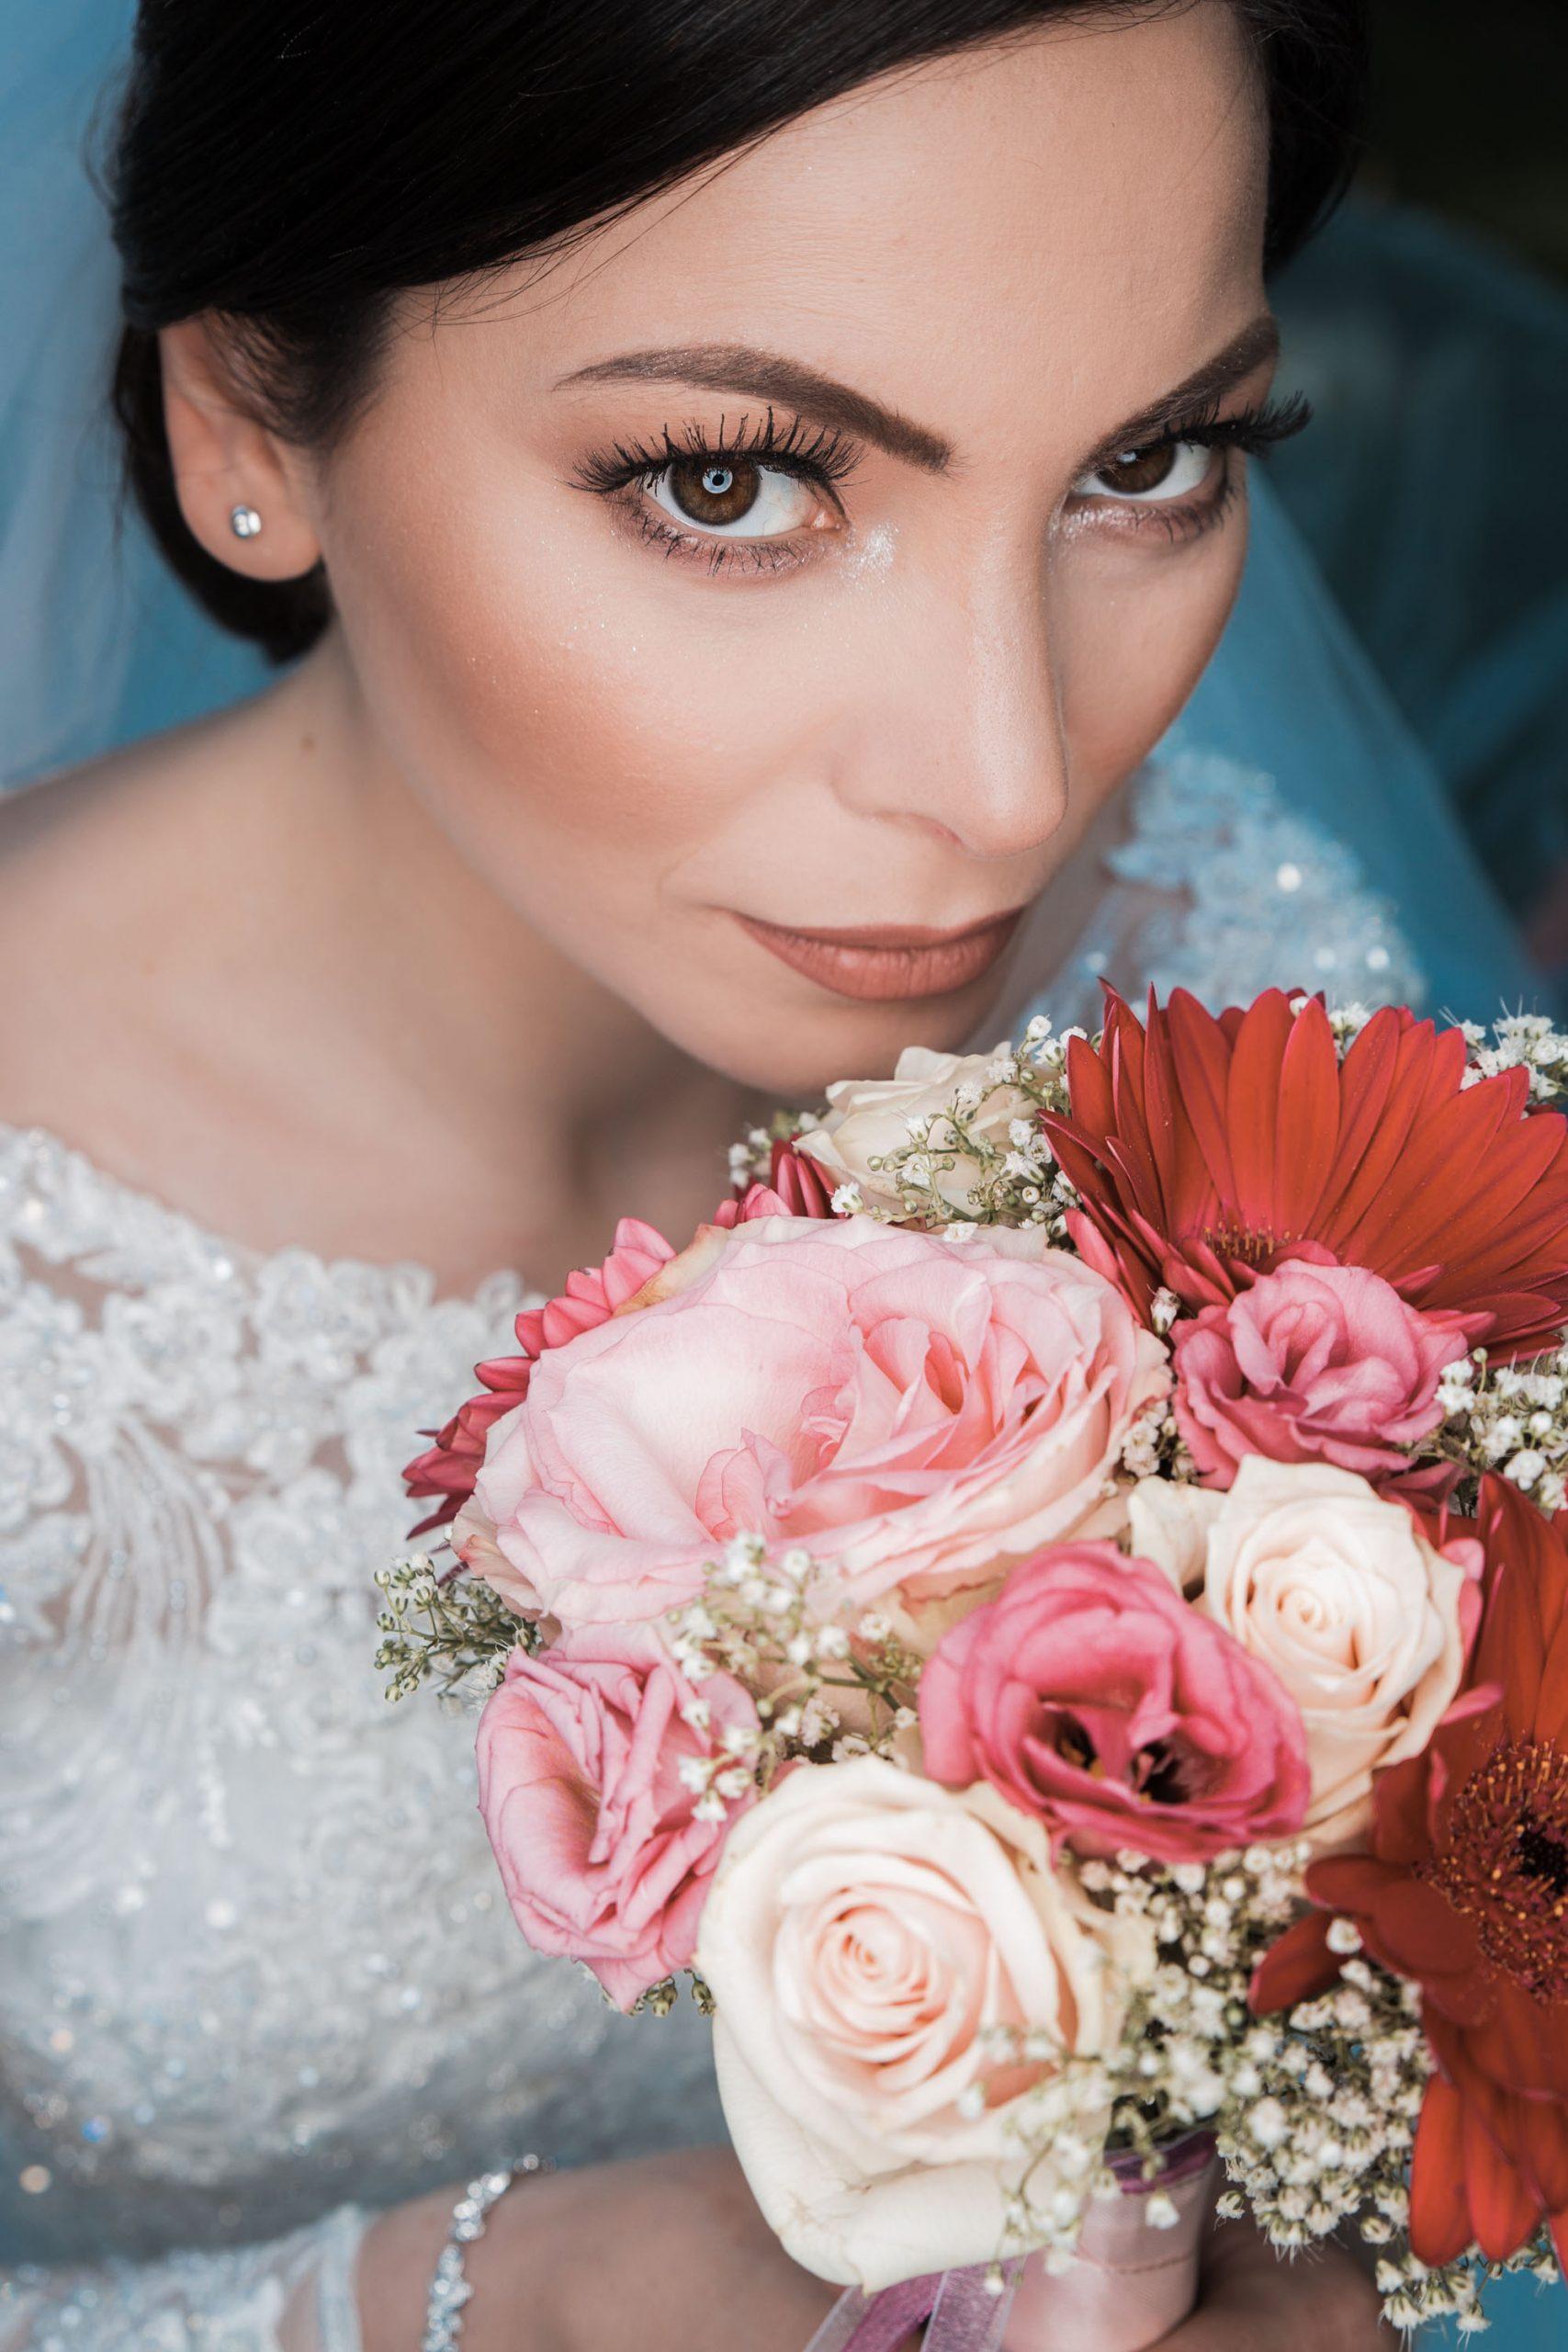 Hochzeitsbild einer Braut mit Braut Strauß in der Hand. Sie schaut von unten nach oben in die Kamera. Ring Licht kam als Beleuchtung zum Einsatz. Ein wunderschönes und kreatives Hochzeitsfoto.